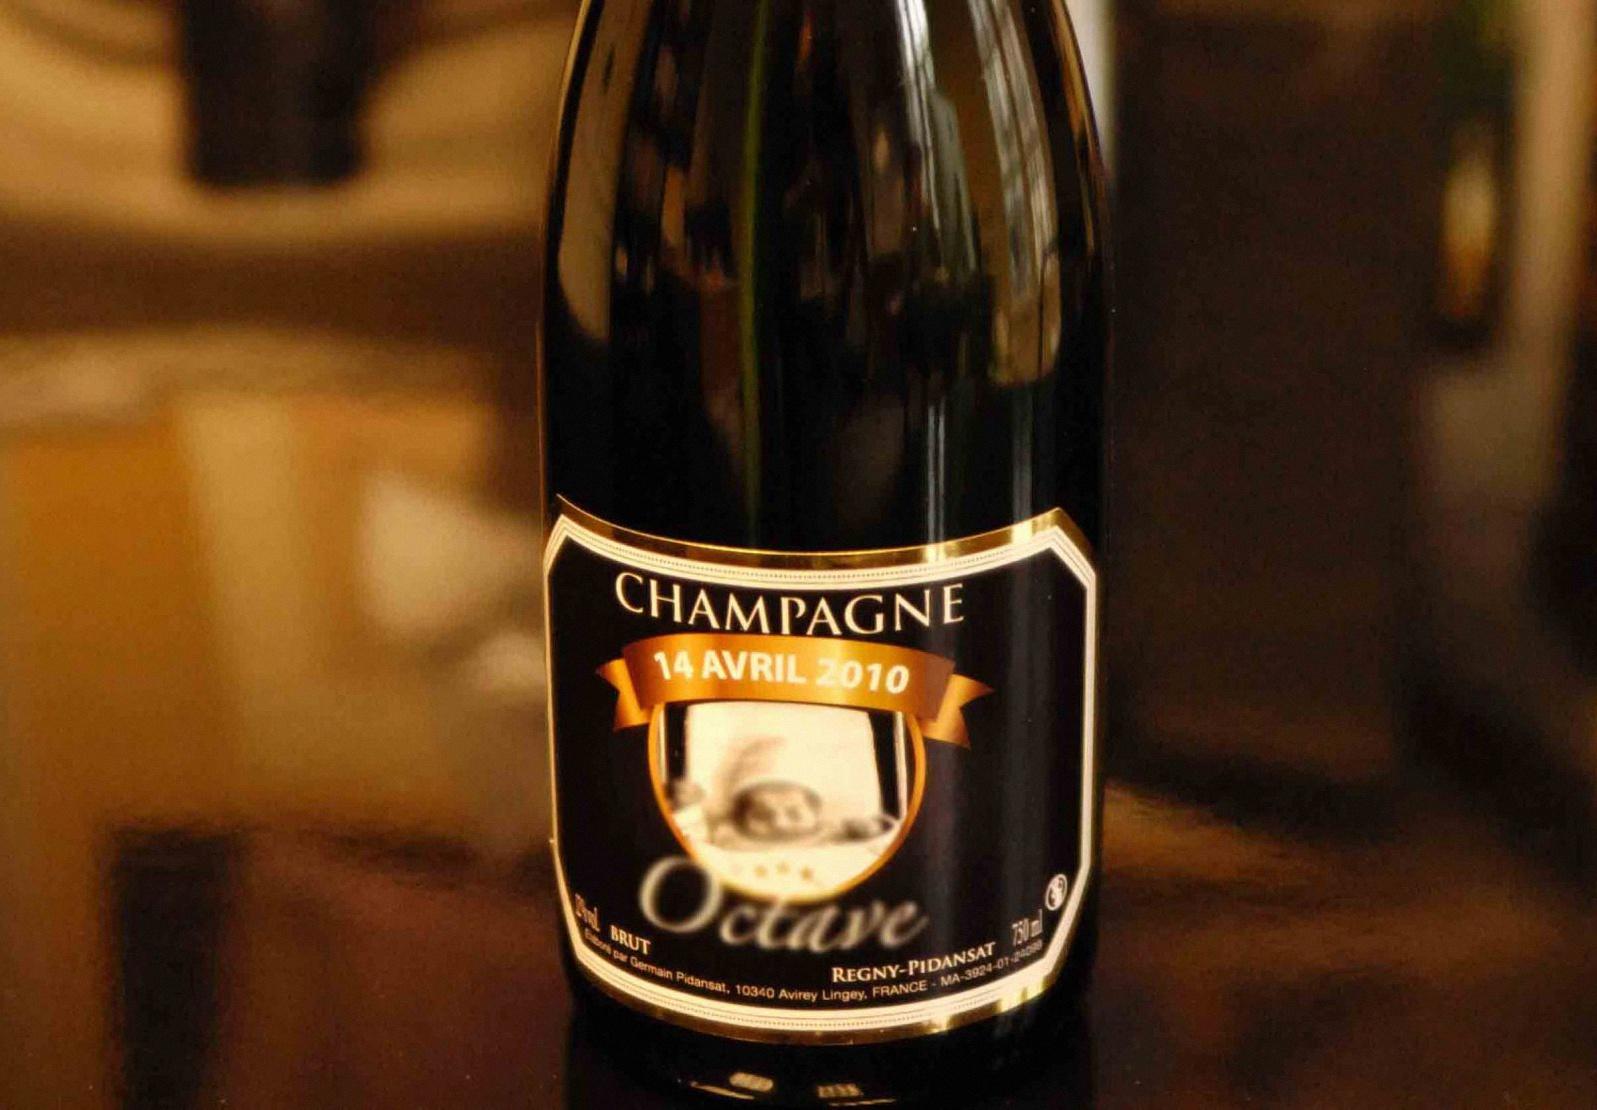 Des étiquettes Personnalisées Pour Vos Bouteilles De Vin Et